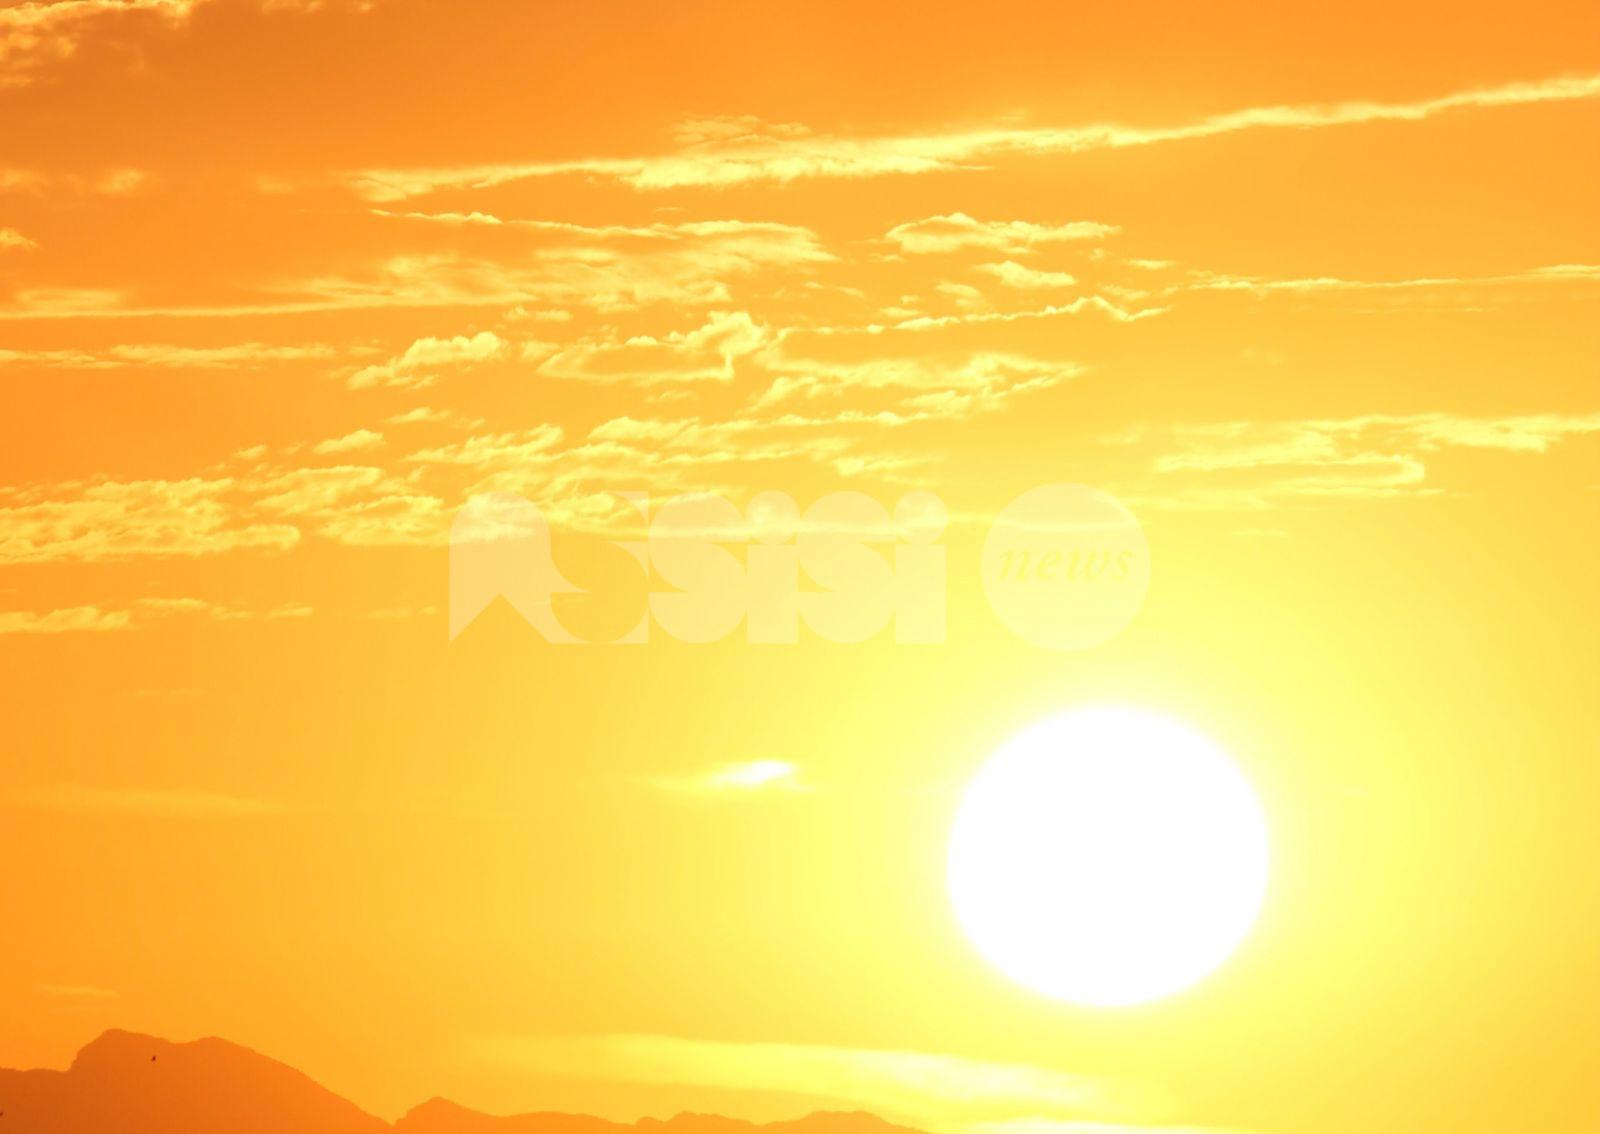 Meteo Assisi speciale Ferragosto 2021: è un'ondata di caldo record